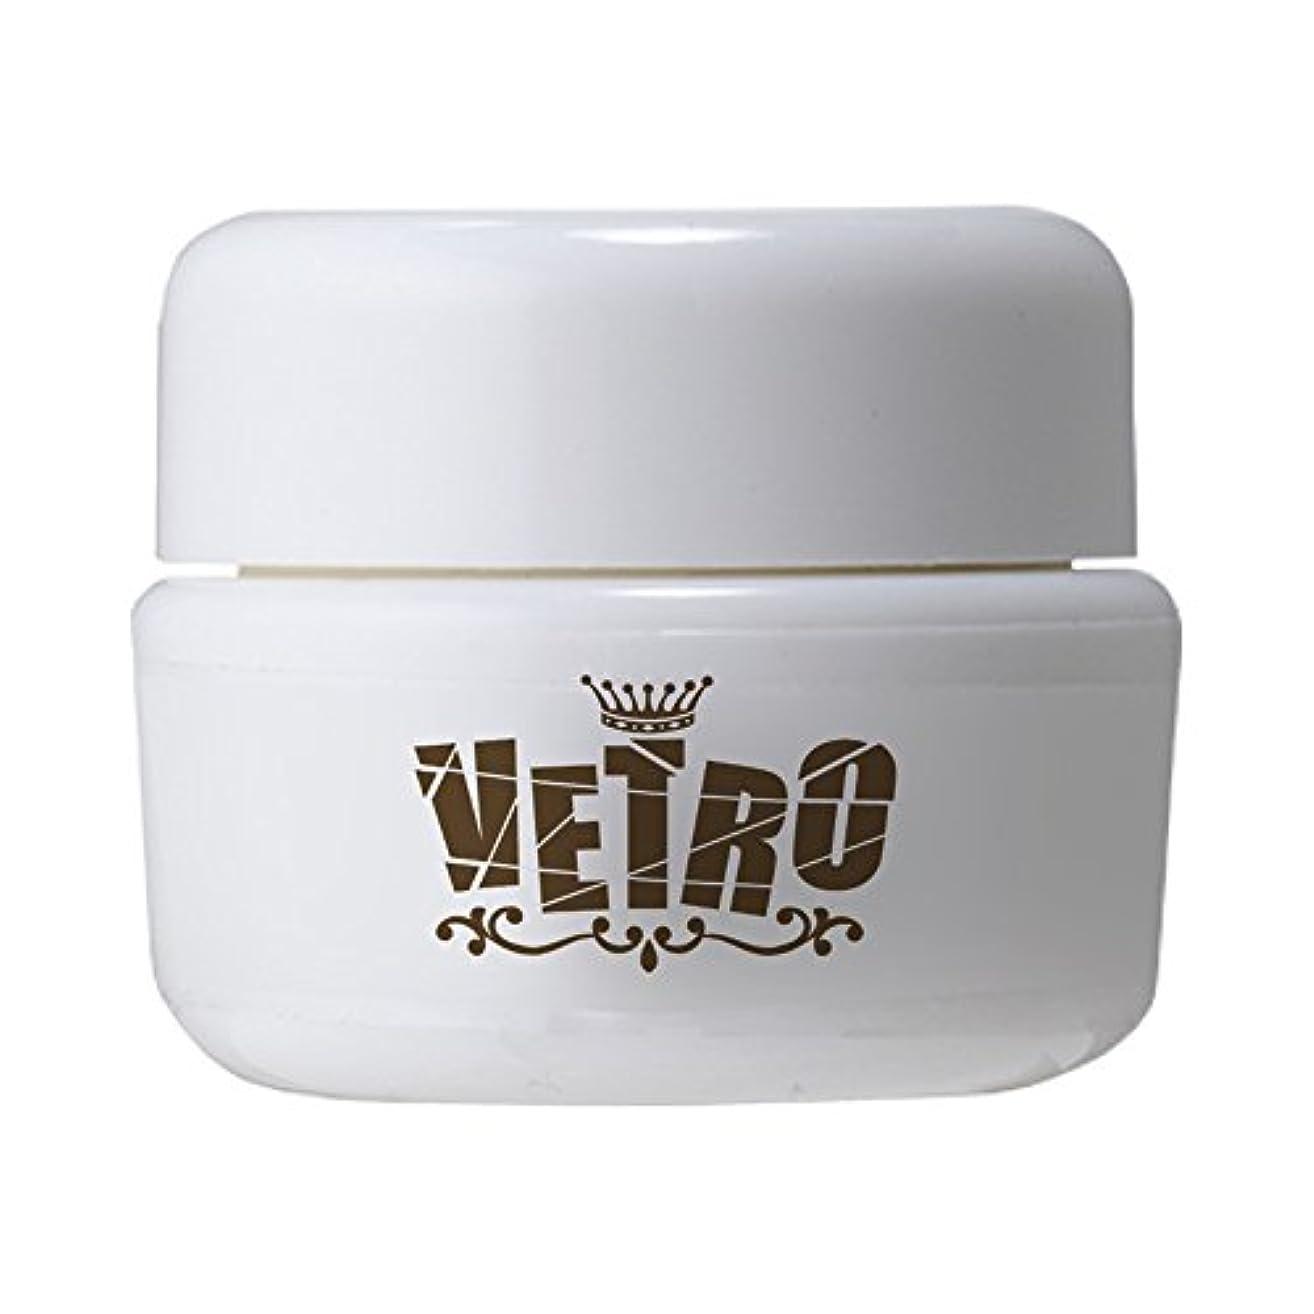 高音レンジ前提VETRO No.19 カラージェル マット VL022 ブラック 4ml